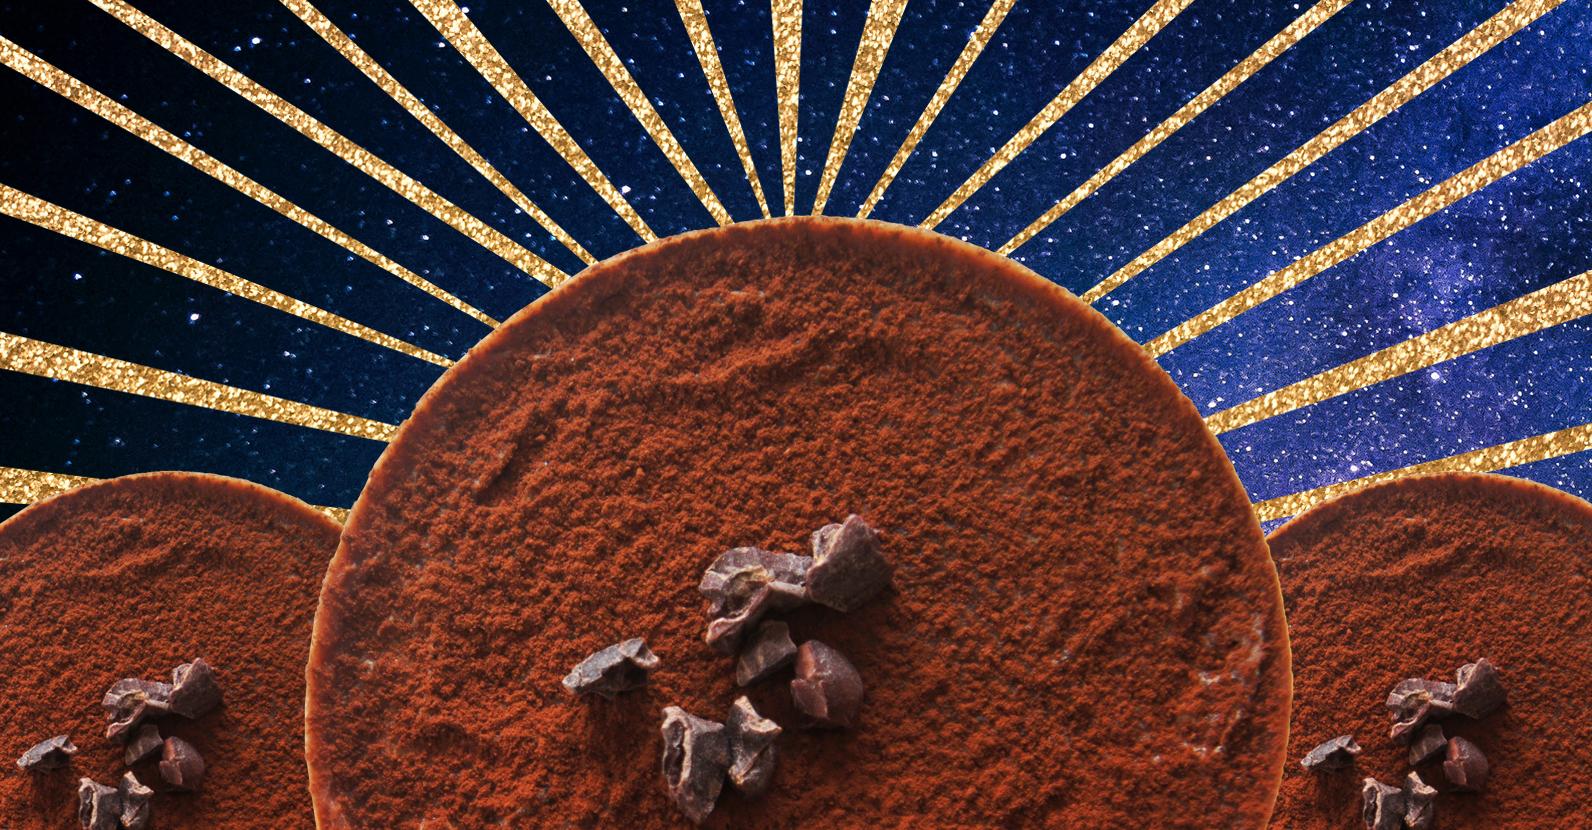 Cioccolato fondente amore mio! Tutti i benefici e le proprietà